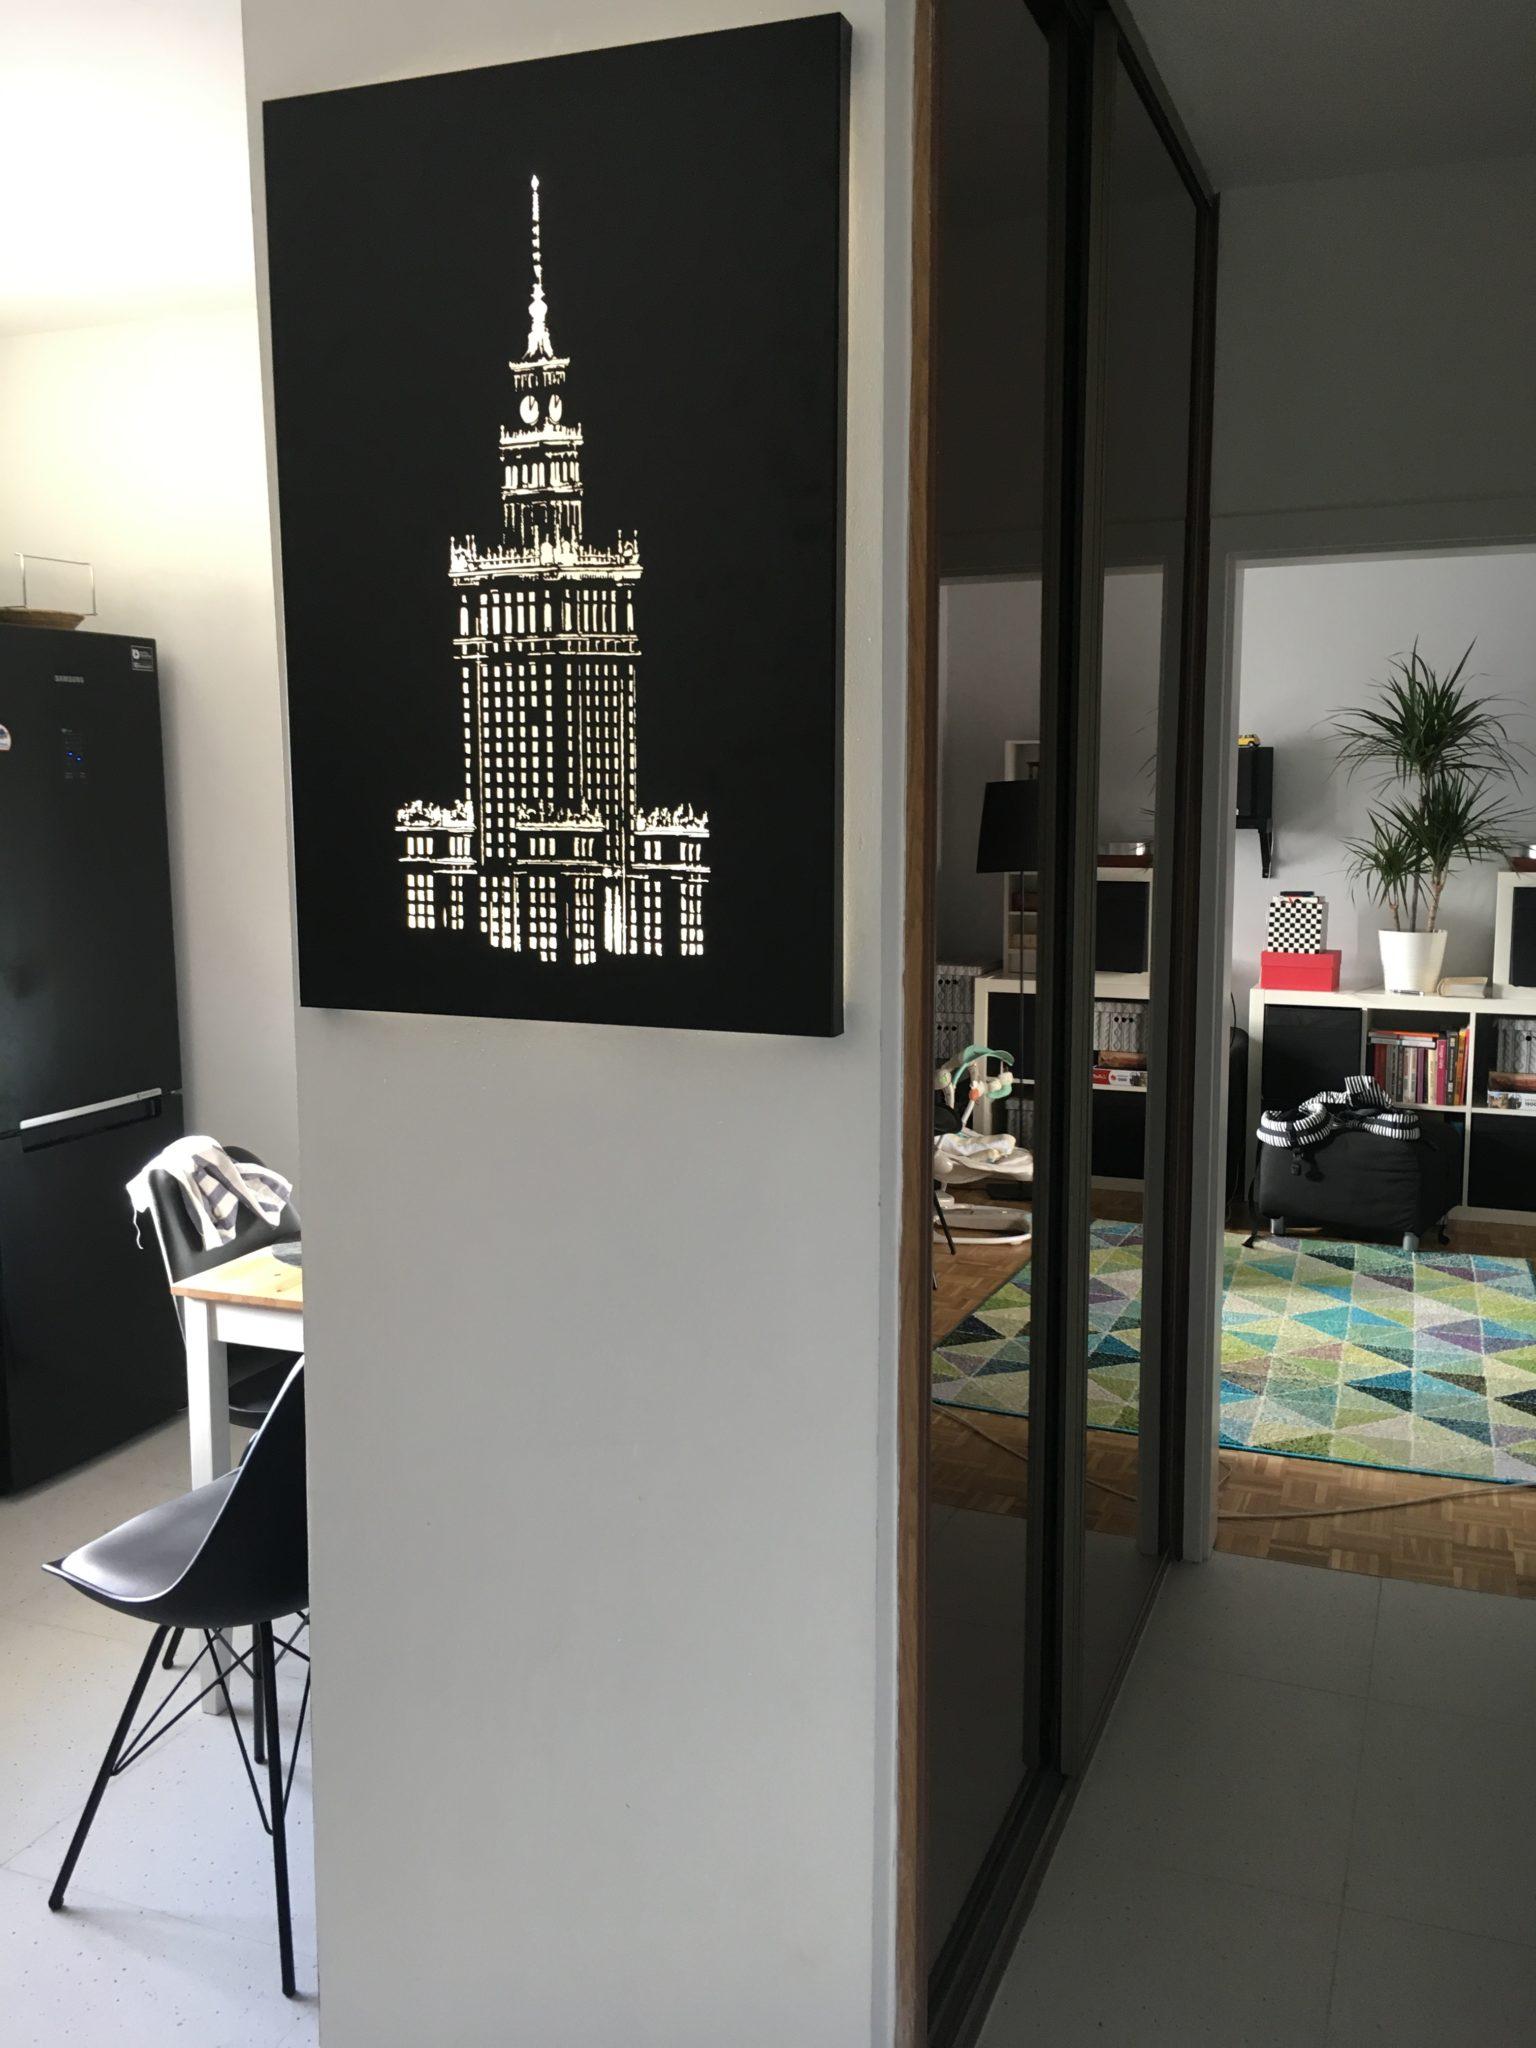 Obraz-metalowy-na-ścianę-PKiN_3